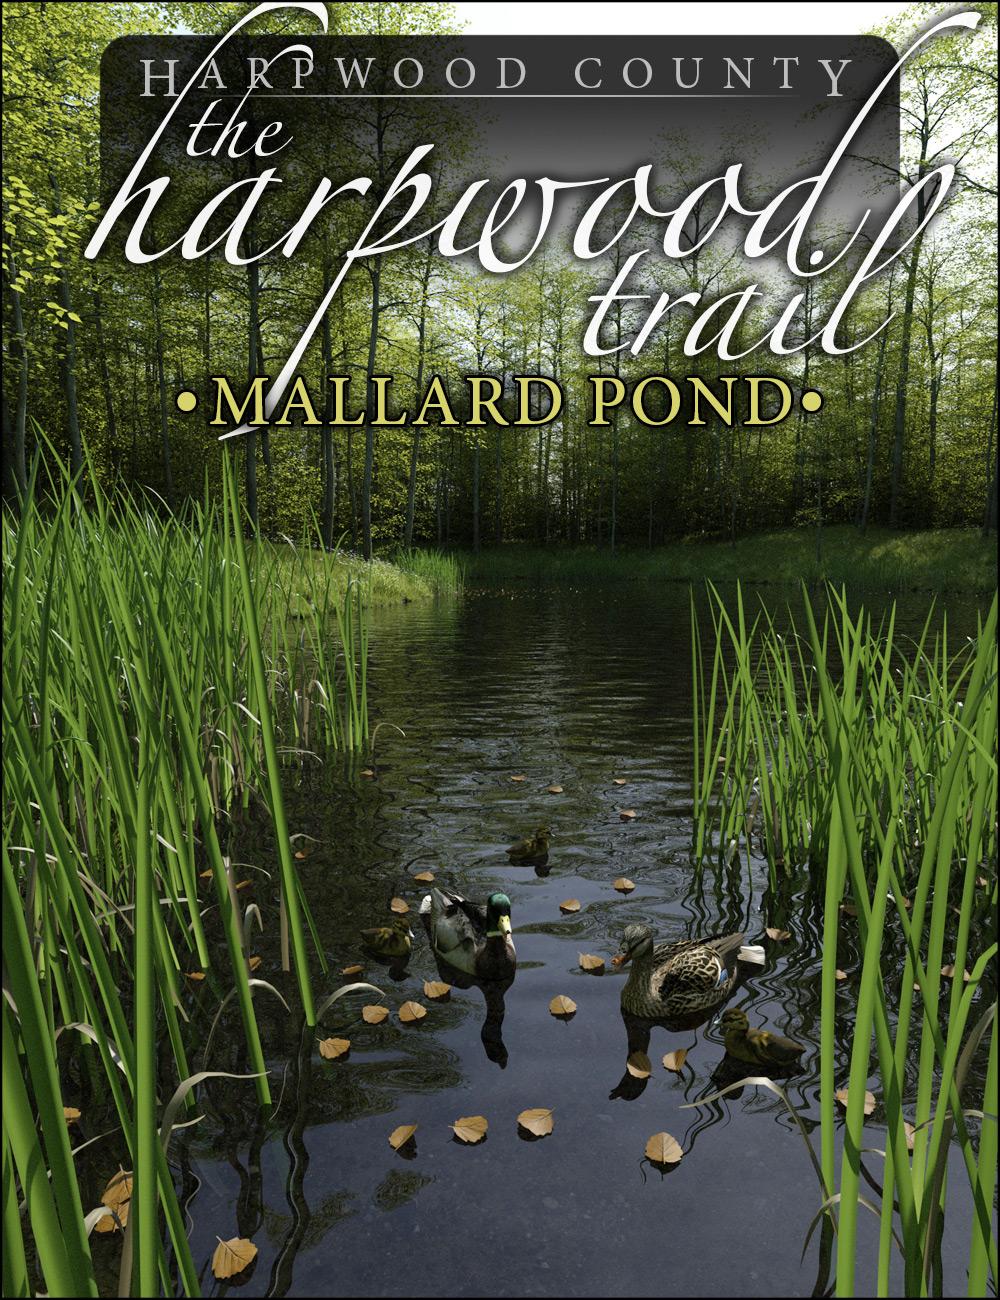 The Harpwood Trail - Mallard Pond by: HowieFarkes, 3D Models by Daz 3D